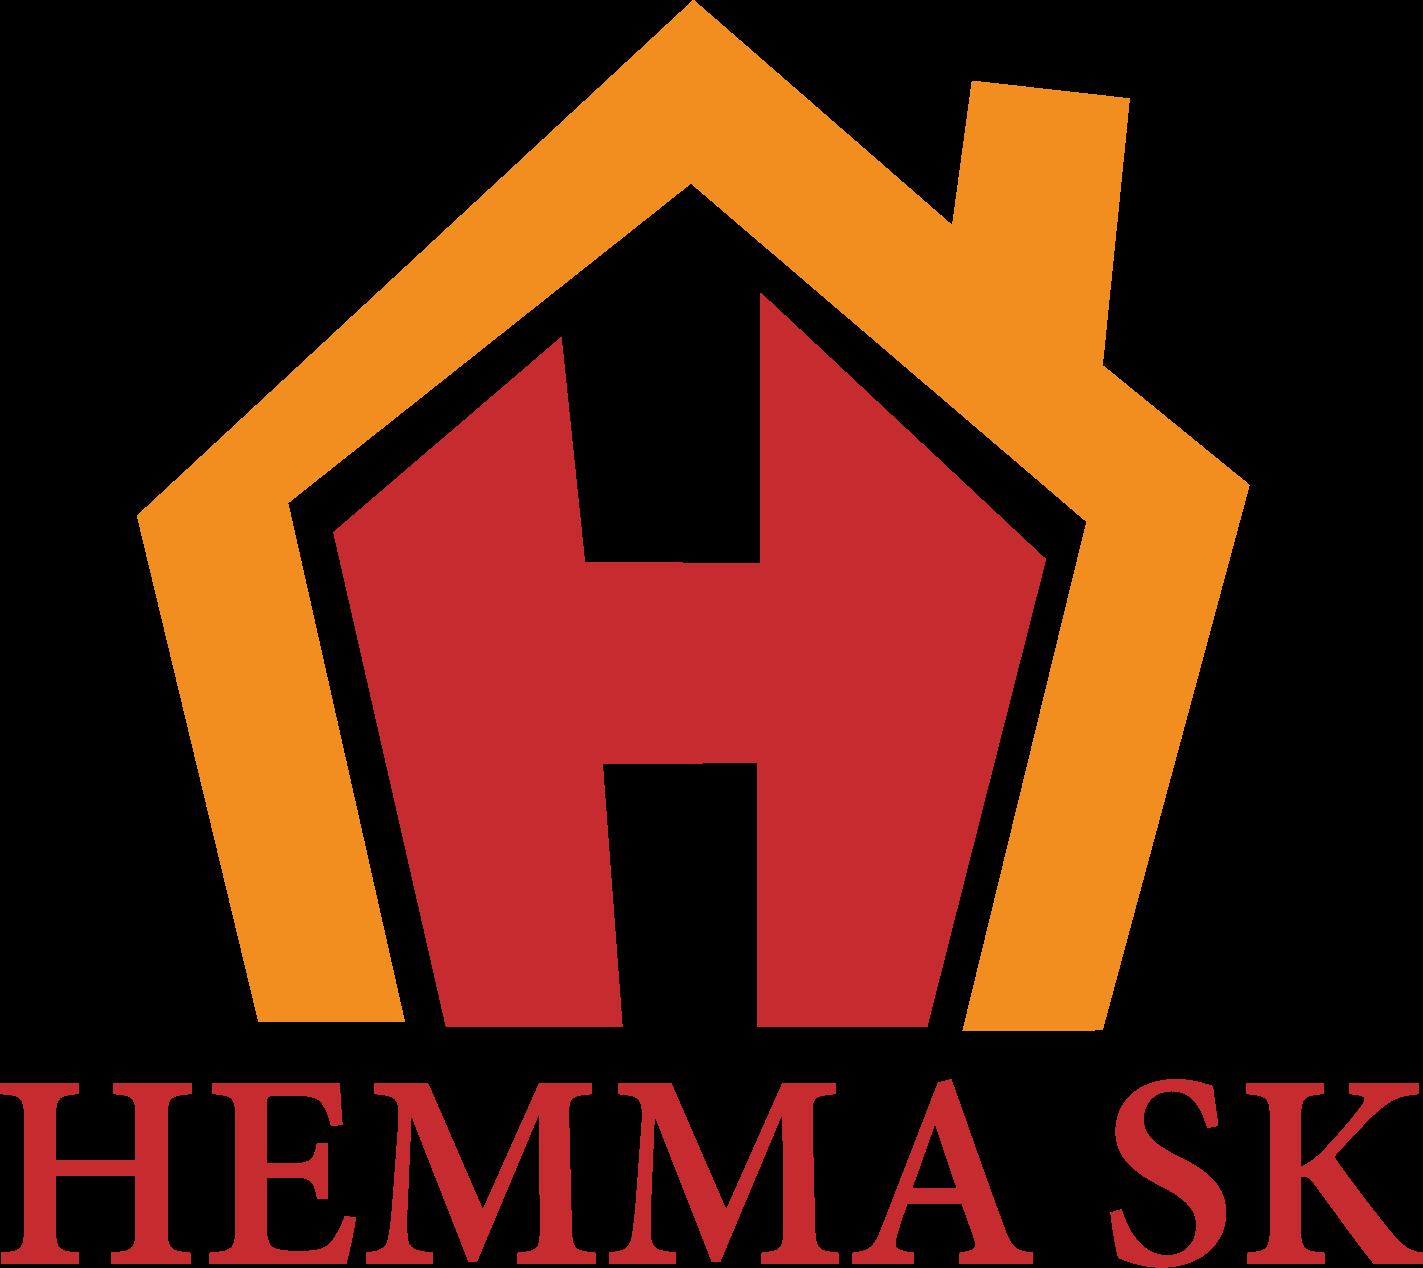 HEMMA SK